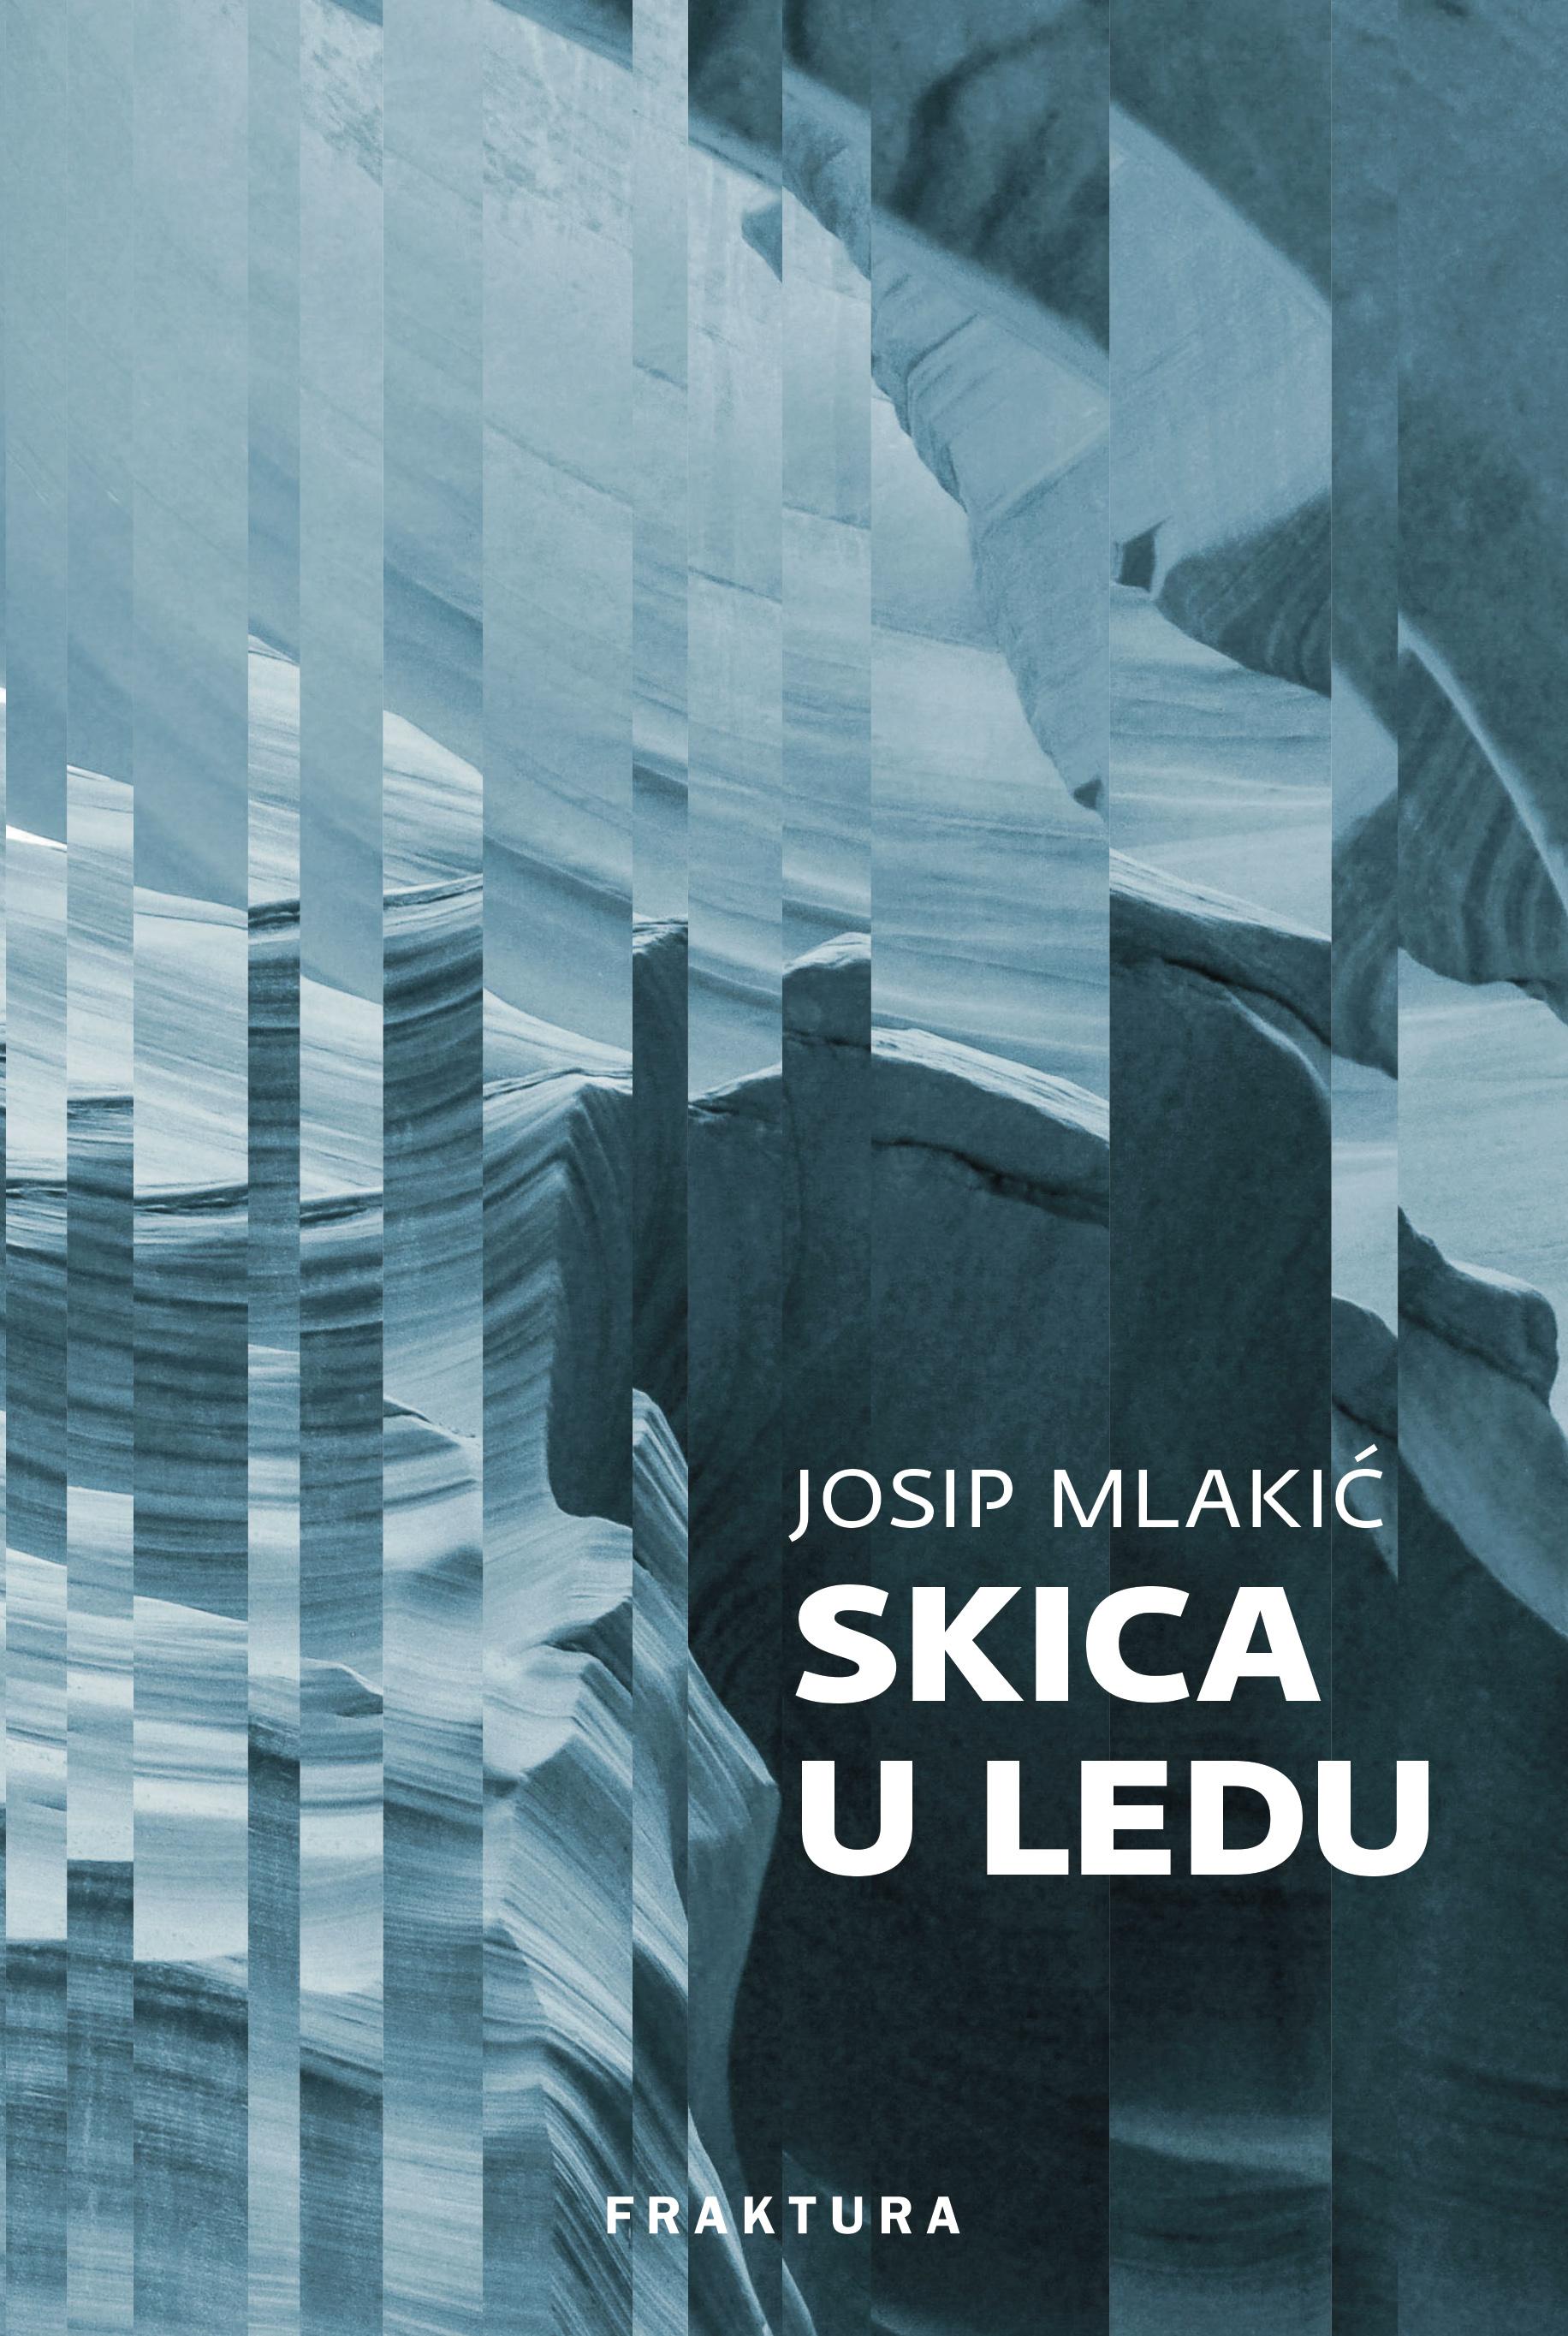 Nagrada Fra Martin Nedić za